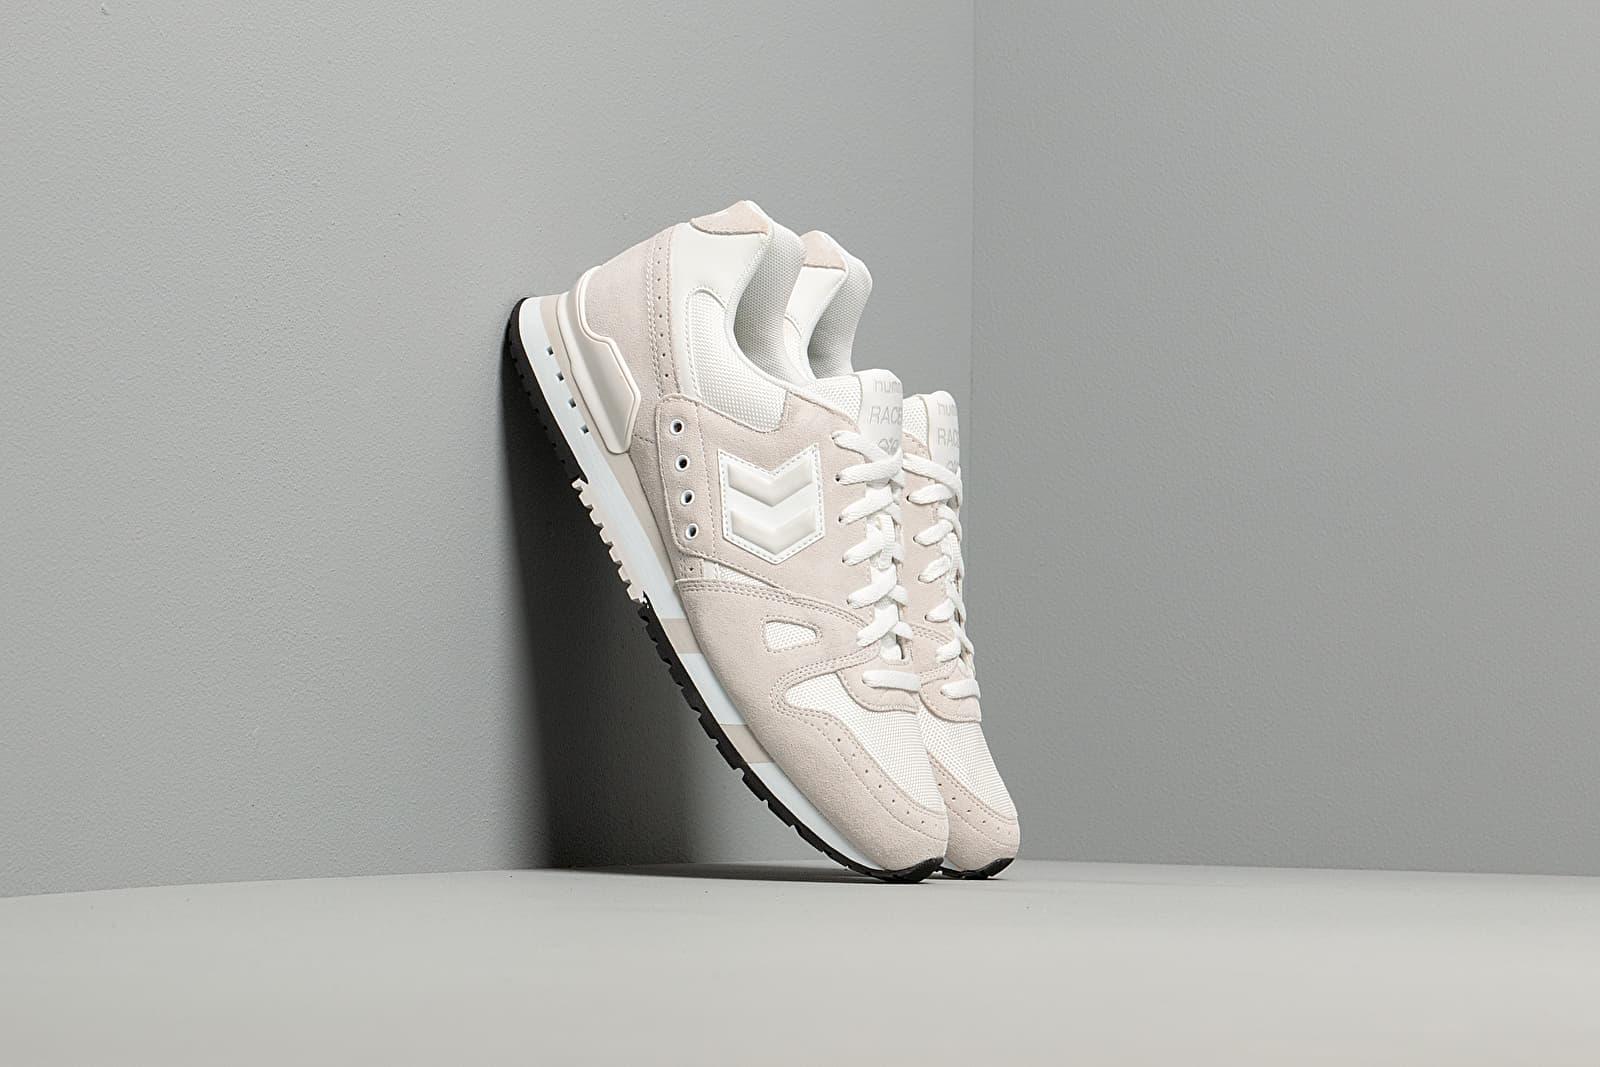 Încălțăminte și sneakerși pentru bărbați hummel Marathon GBW White